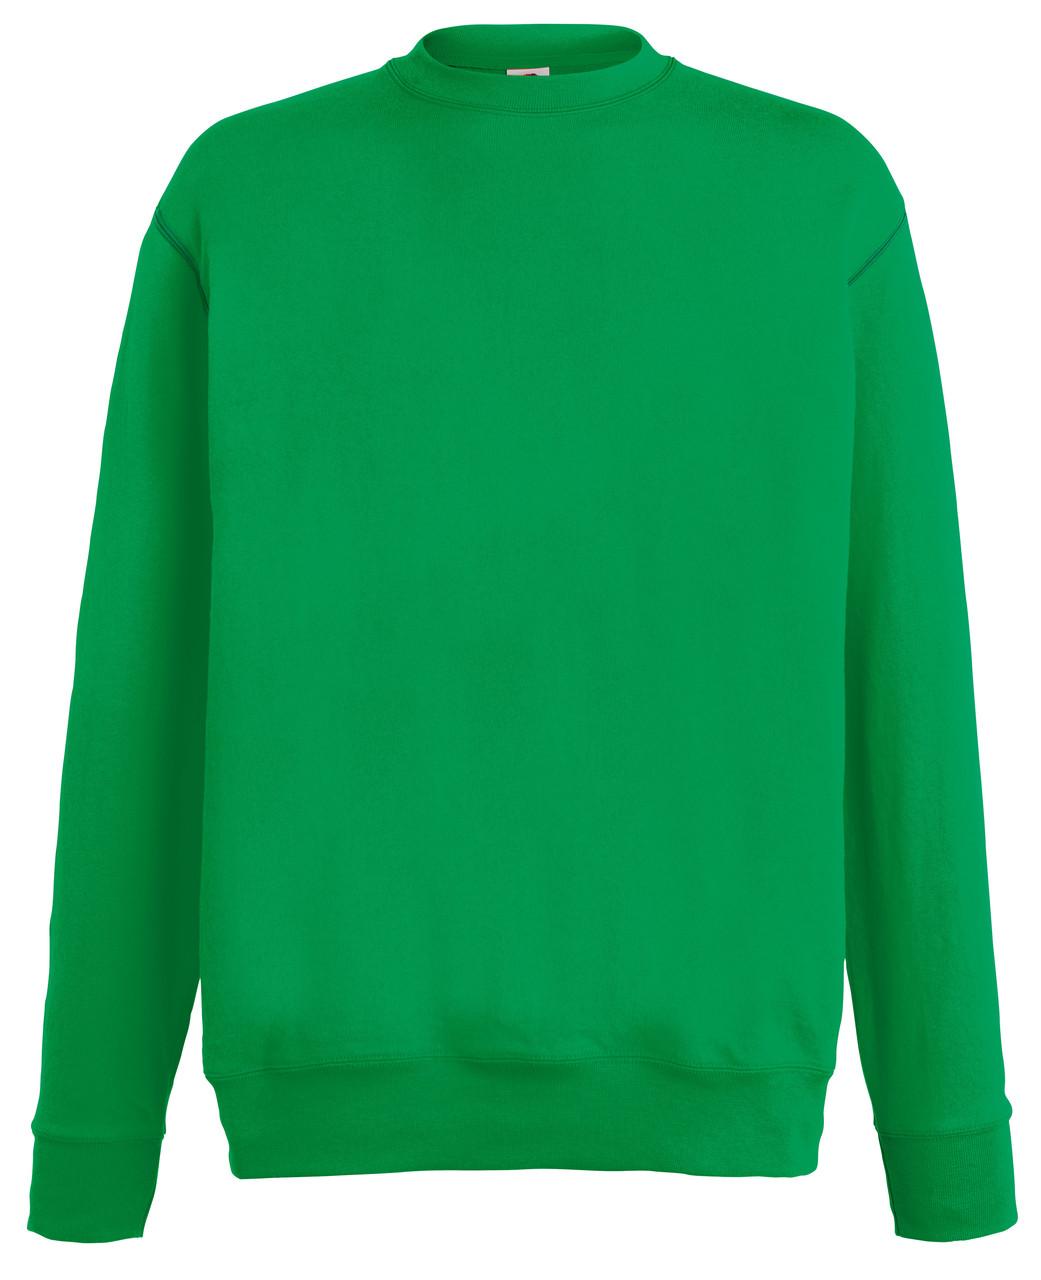 Мужской лёгкий свитер Ярко-зелёный  Fruit Of The Loom  62-156-47  S